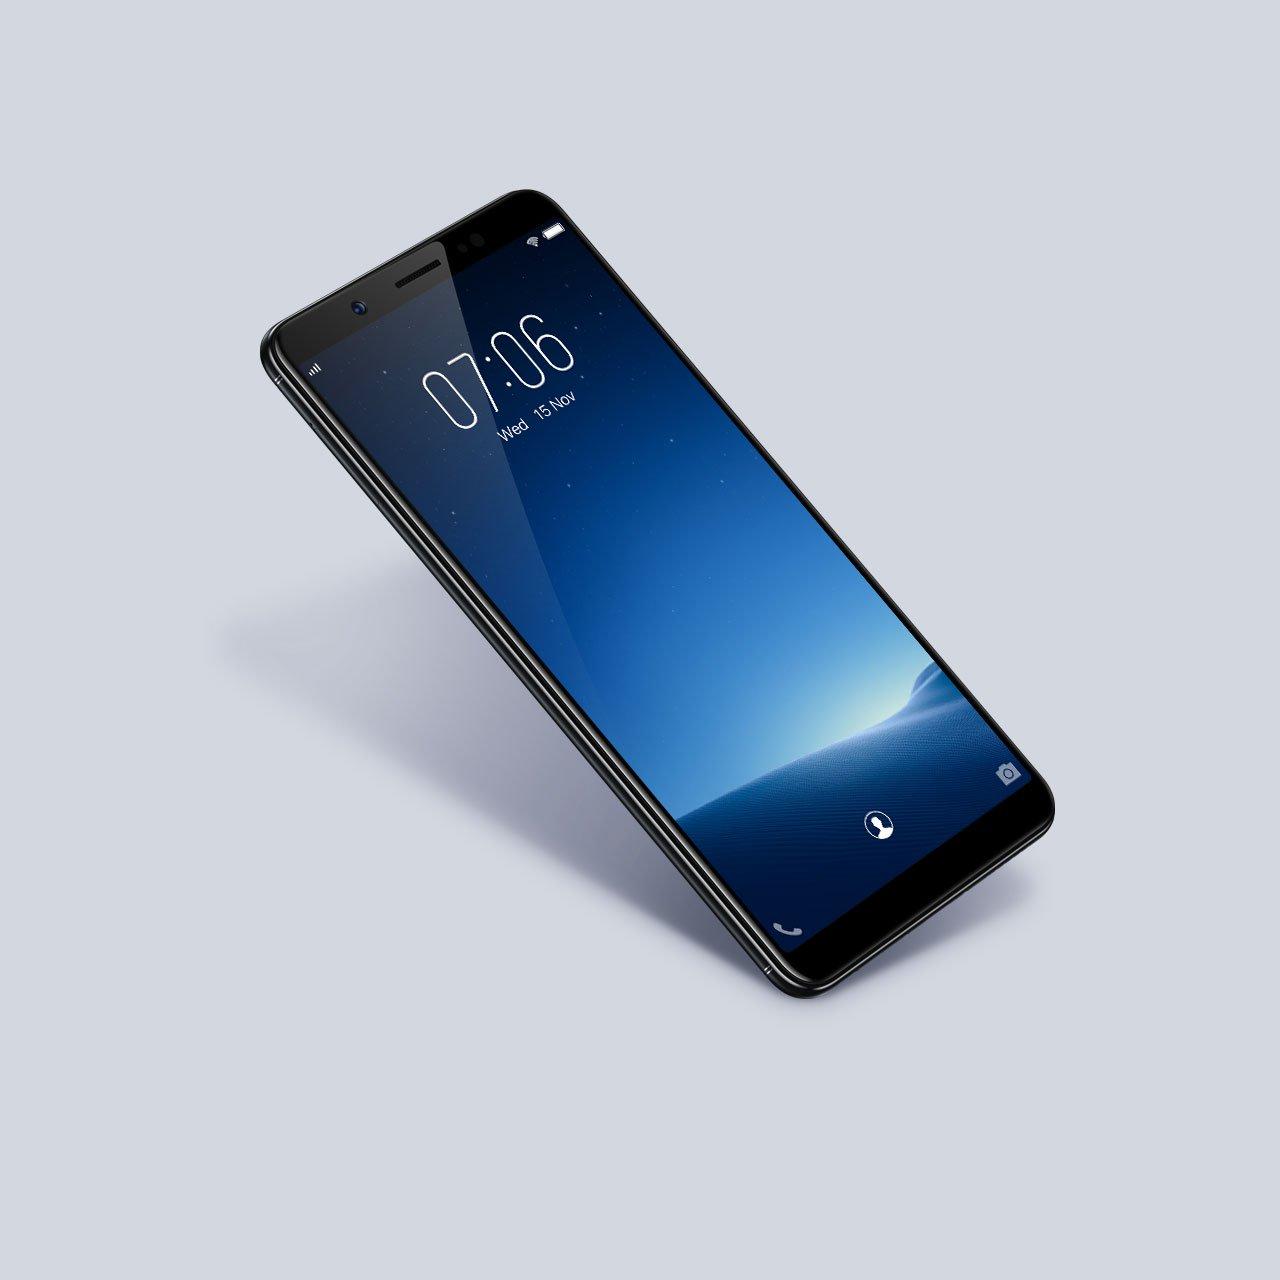 Vivo chính thức ra mắt V7: màn hình FullView, camera selfie 24MP hình 2